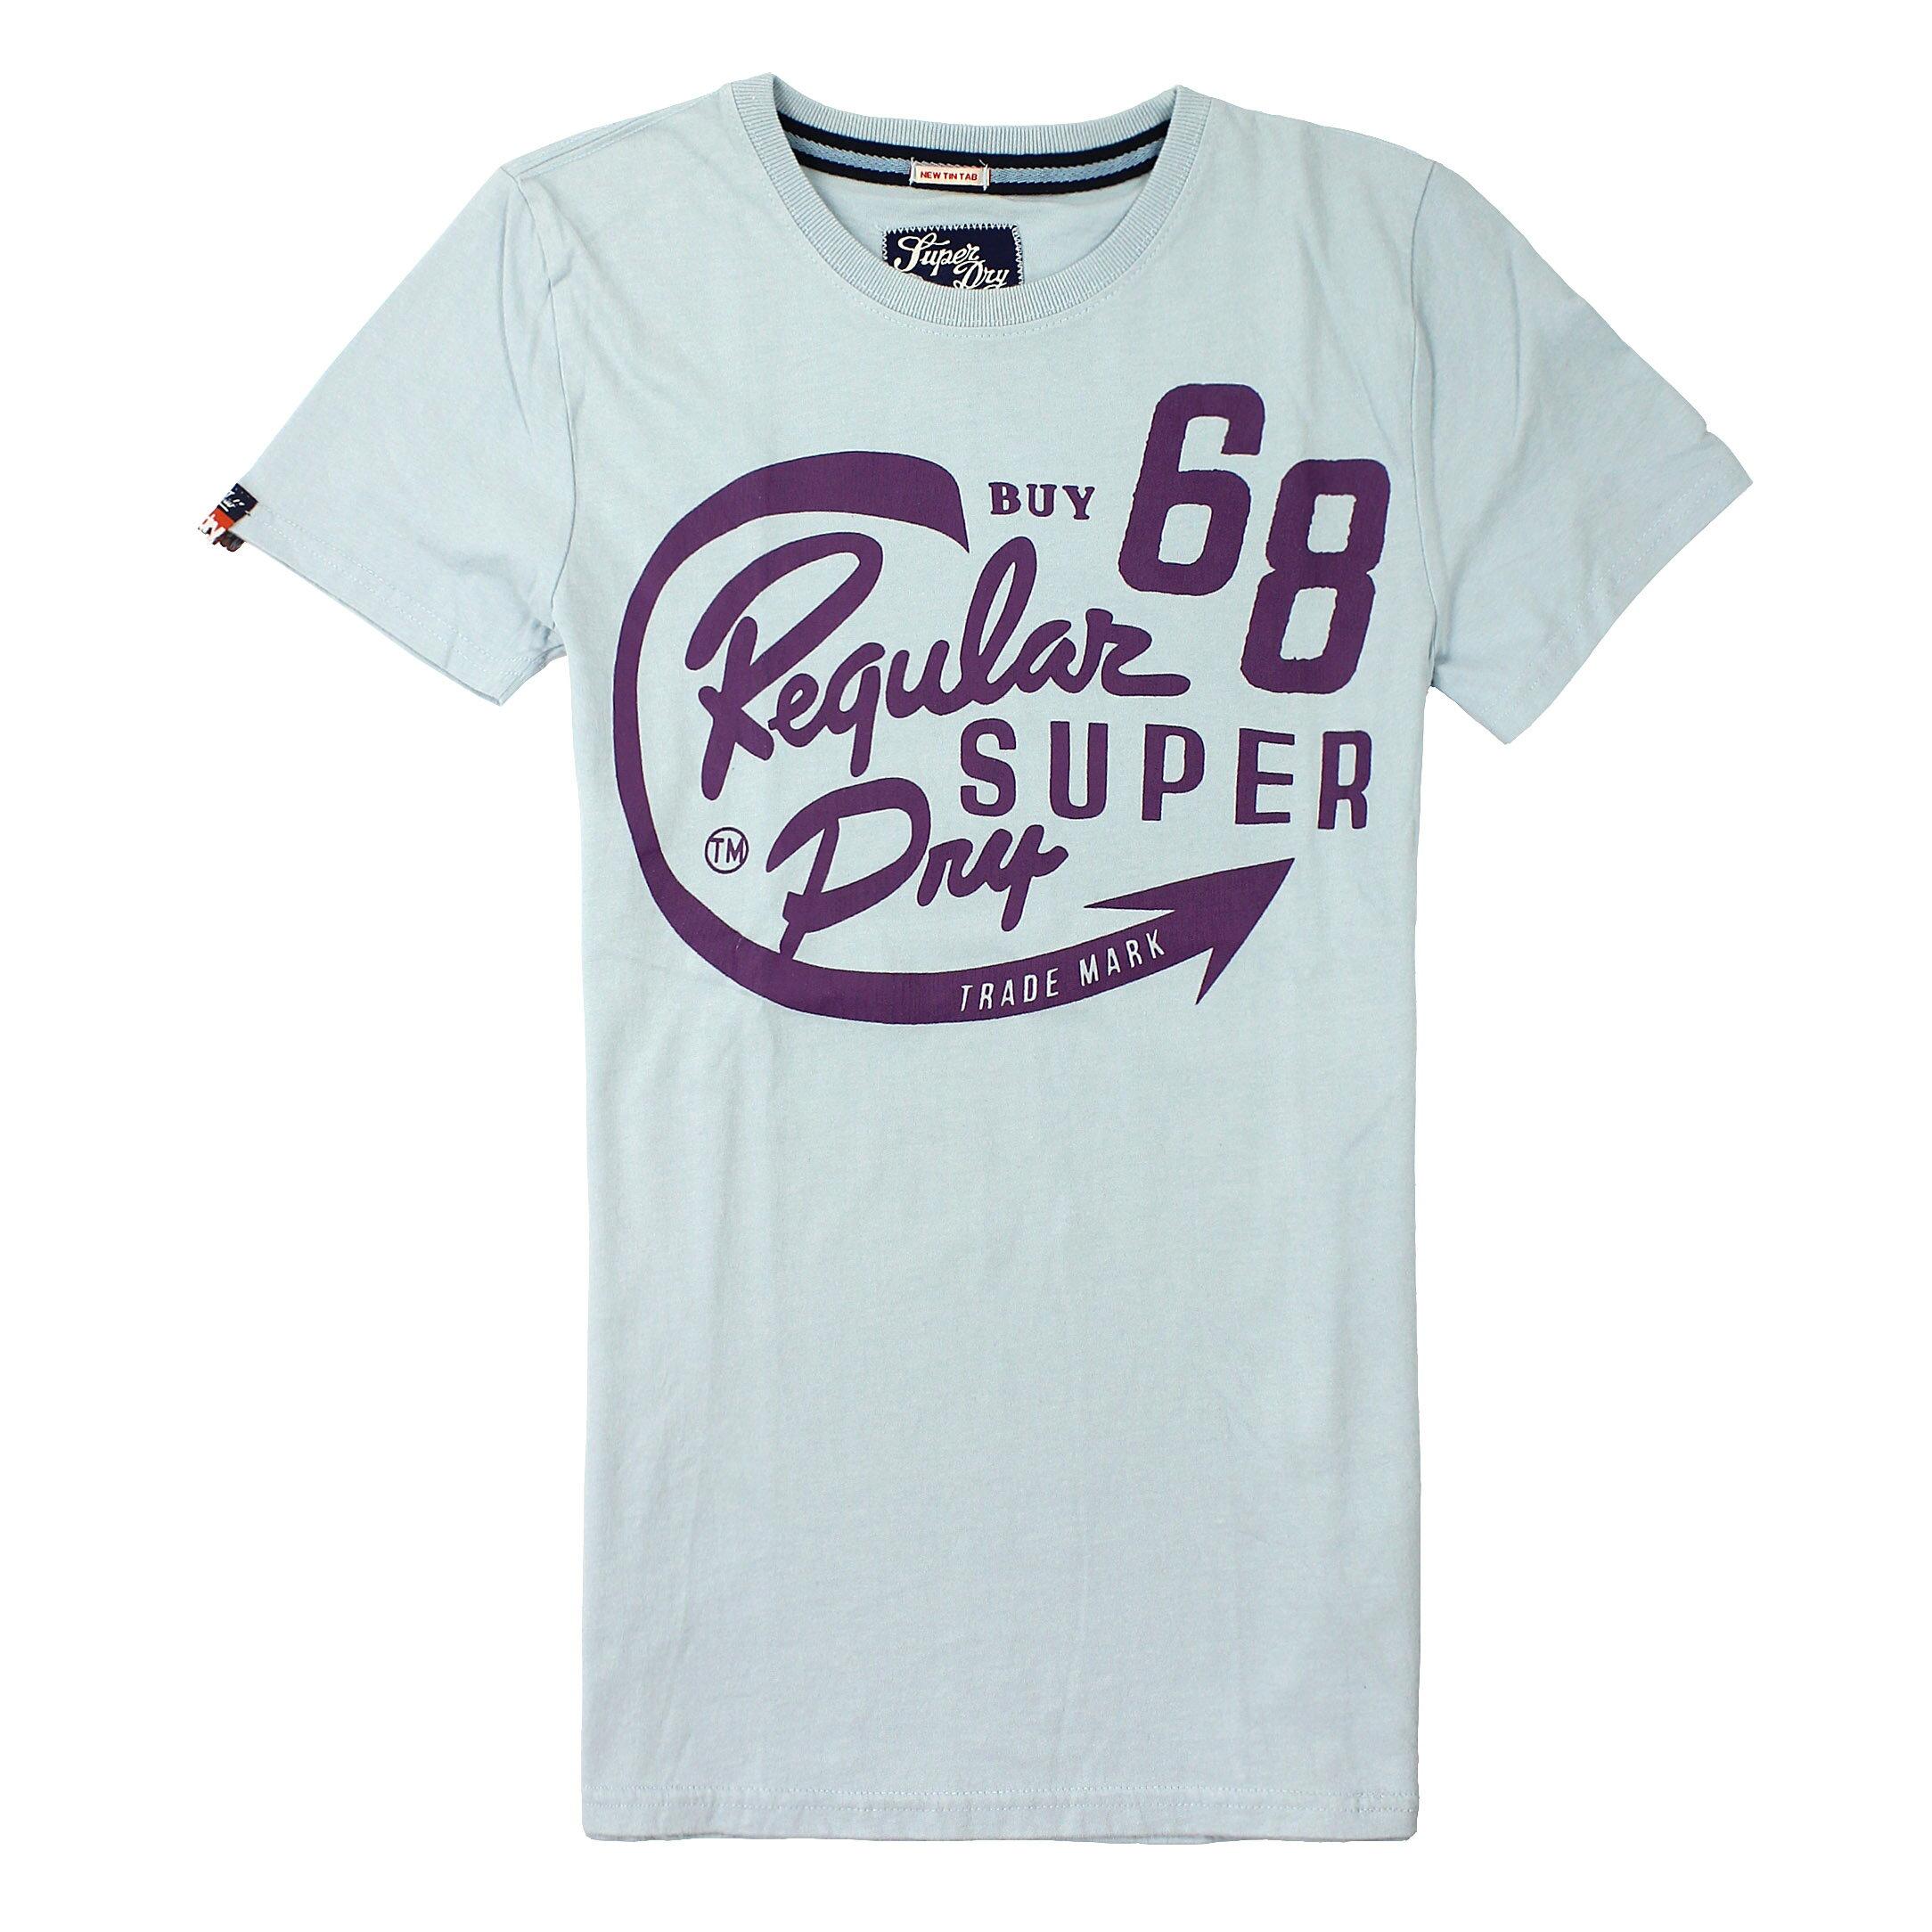 美國百分百【全新真品】Superdry T恤 短袖 上衣 T-shirt Logo 文字 藍灰 極度乾燥 純棉 男 S 2XL號